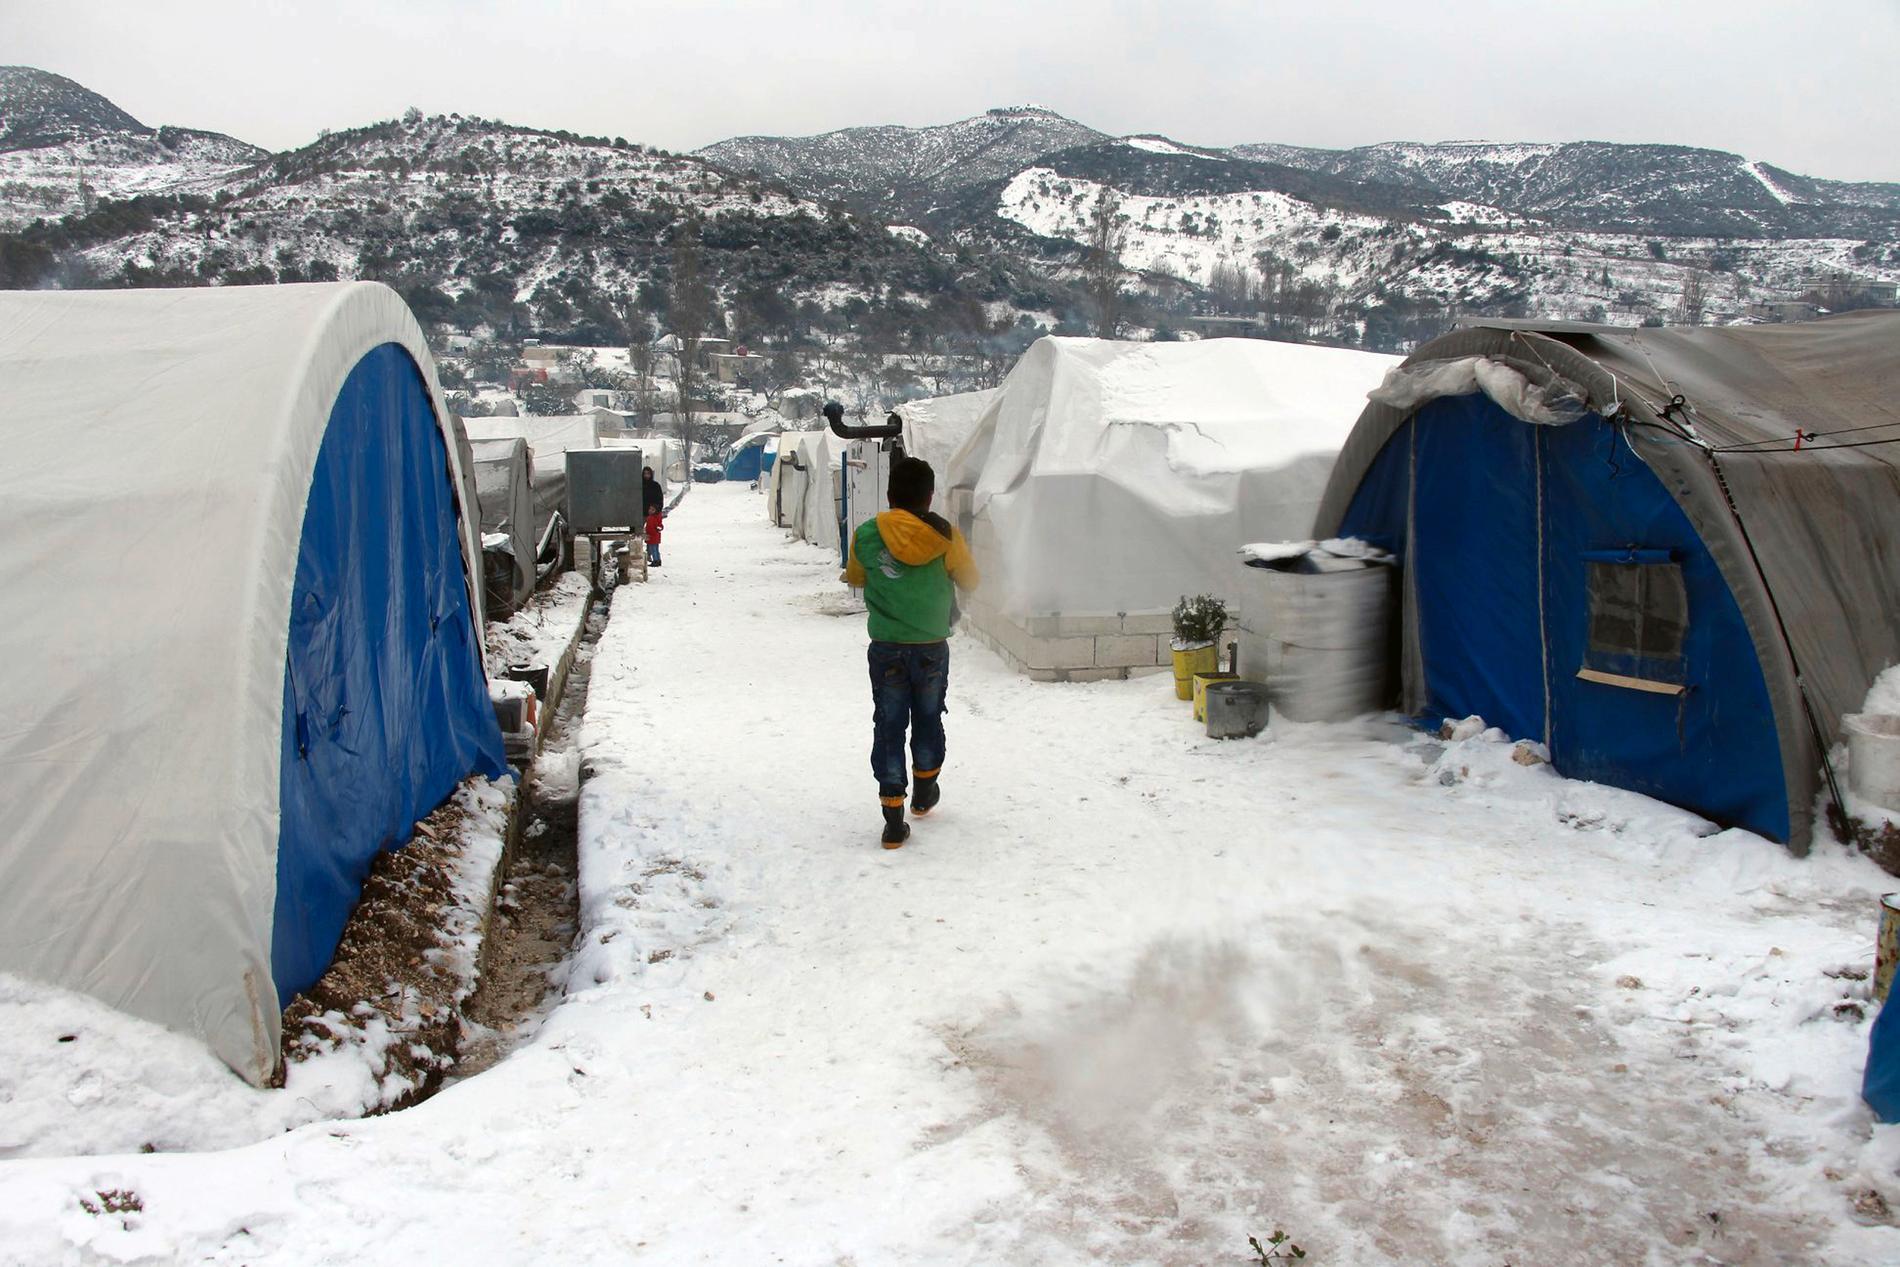 Syriska internflyktingar i ett läger i Idlibprovinsen, nära turkiska gränsen, torsdagen den 13 februari.